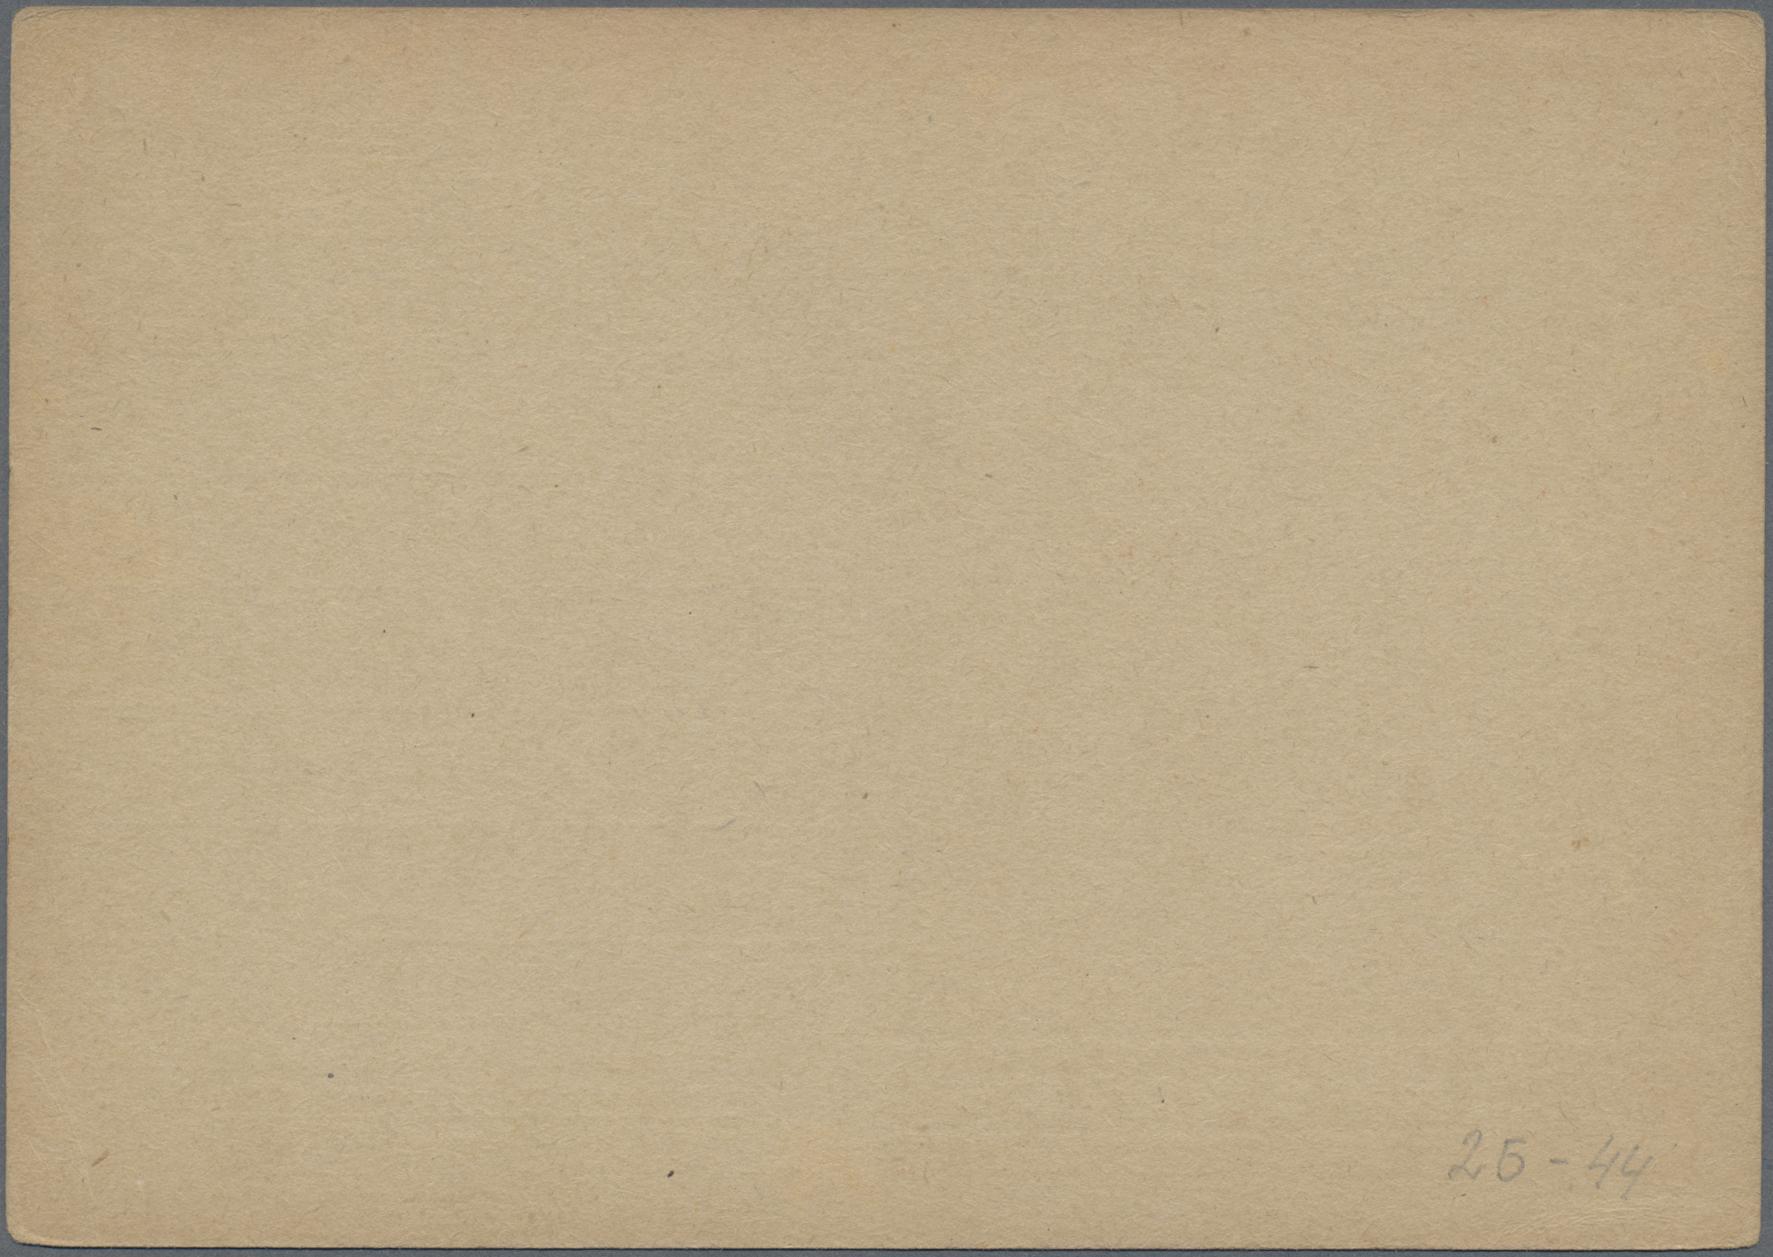 Lot 09940 - Sowjetunion - Ganzsachen  -  Auktionshaus Christoph Gärtner GmbH & Co. KG Sale #48 The Single Lots Philatelie